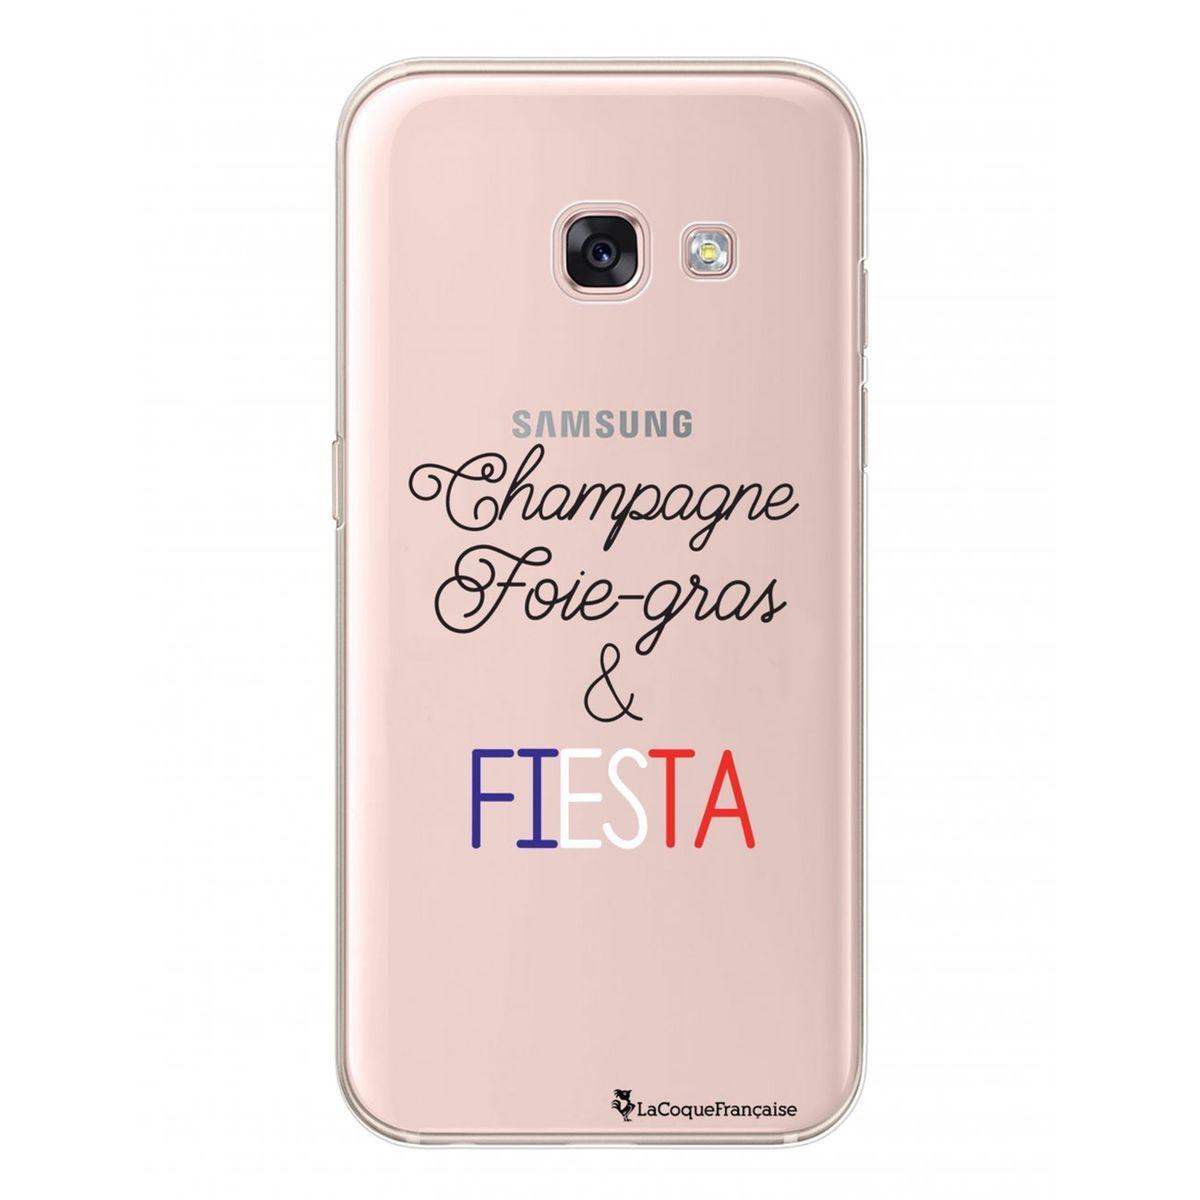 Coque Samsung A3 2017 rigide transparente, Champagne Foie Gras et Fiesta bleu Blanc, La Coque Francaise®